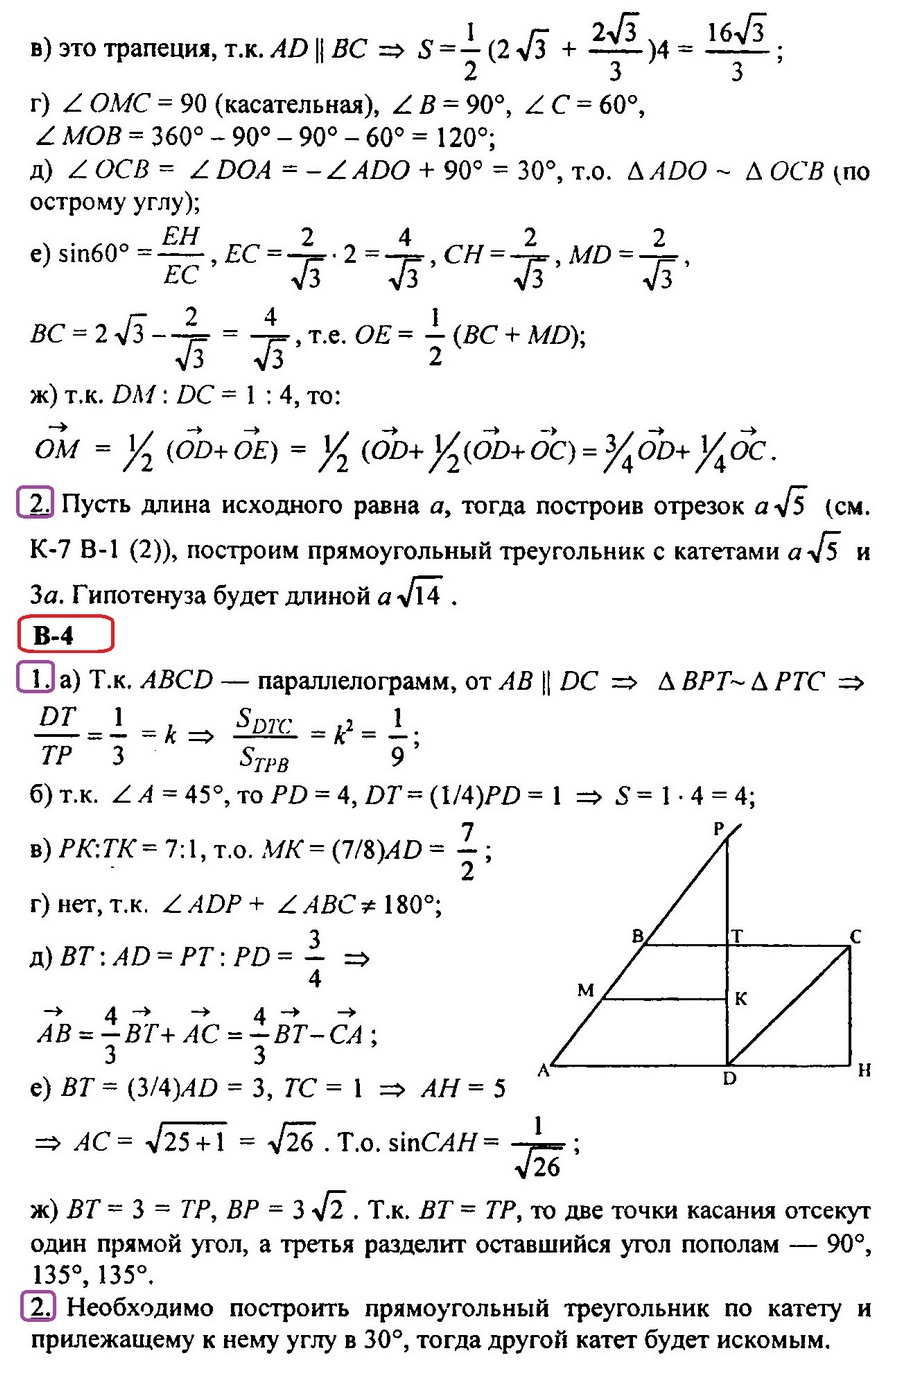 Контрольная работа по геометрии 8 класс ИТОГОВАЯ. Ответы и решения (Зив)